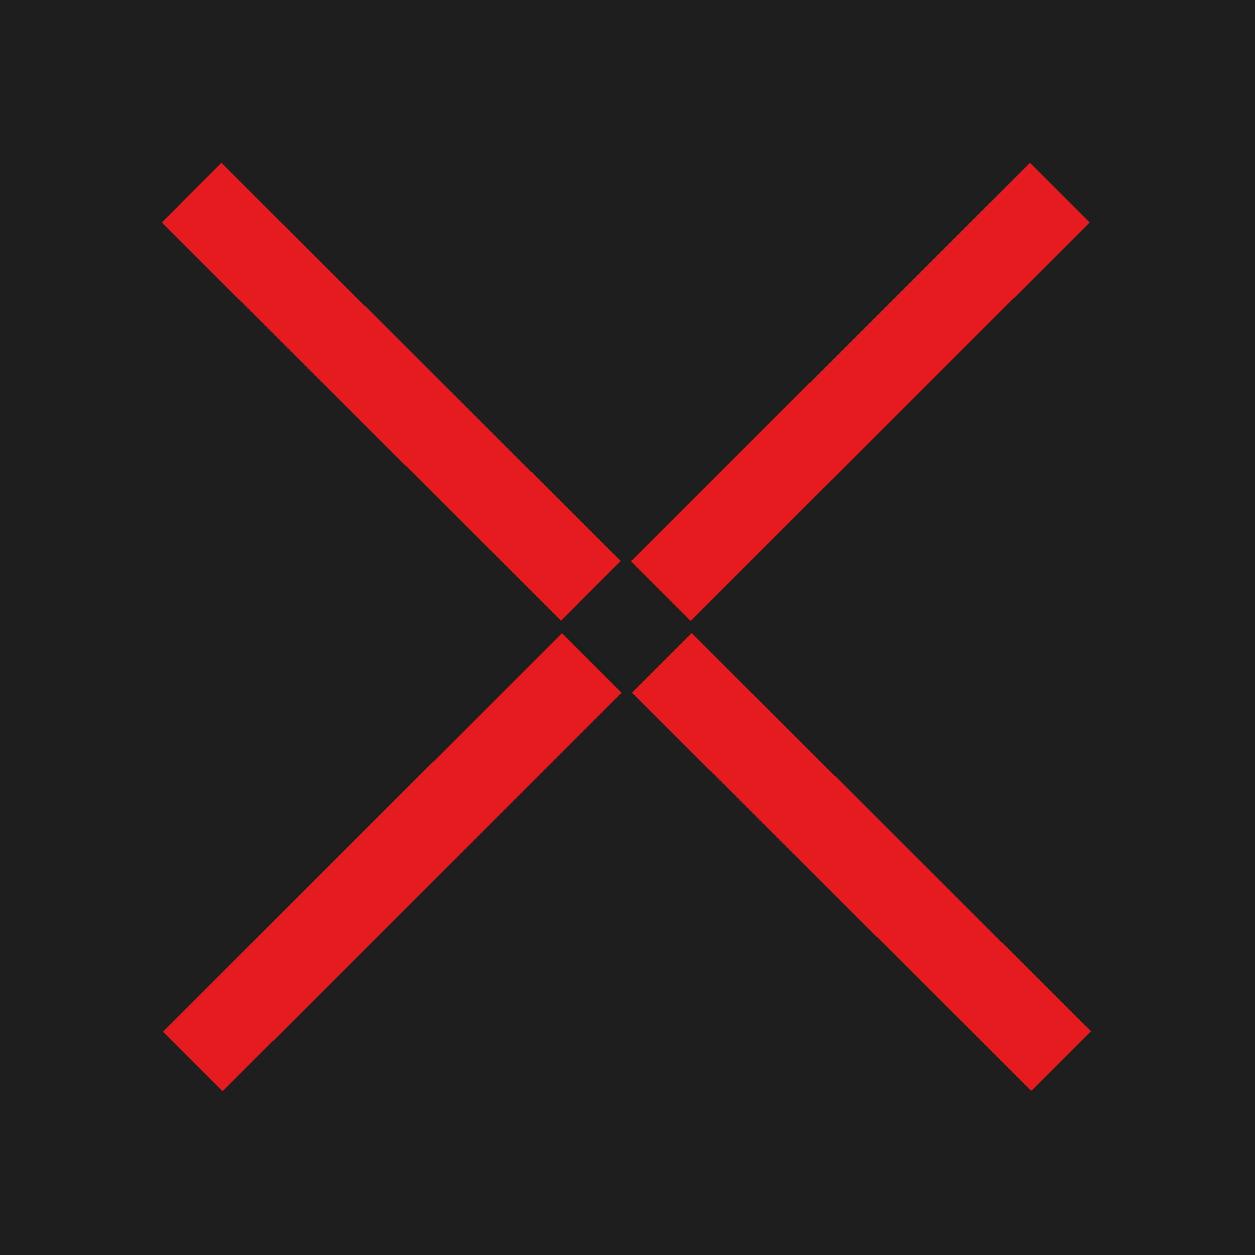 Dauerlichtzeichen Kreuz